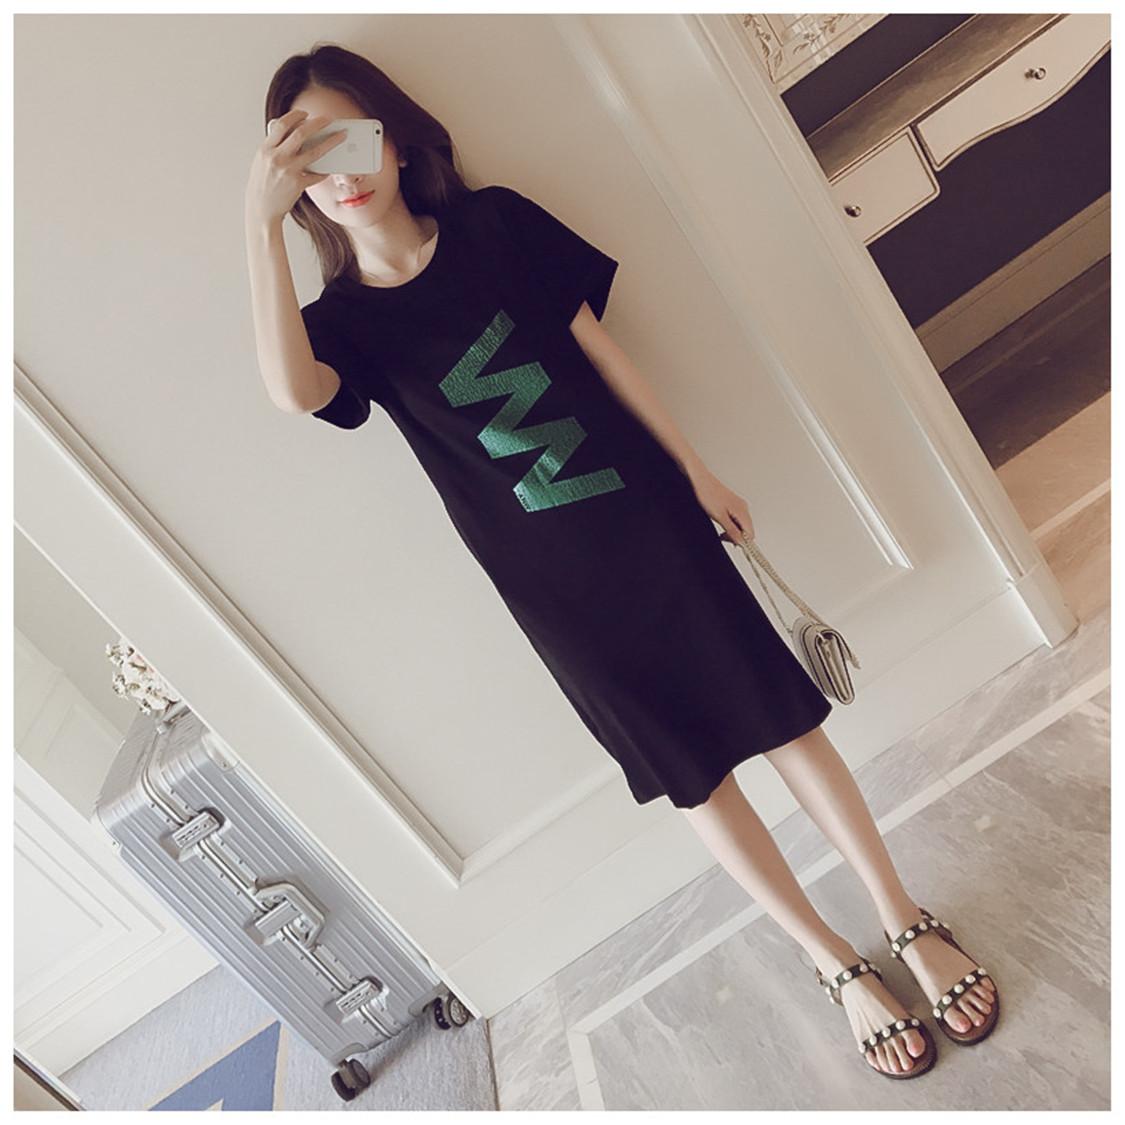 2018夏装韩版宽松休闲百搭短袖纯棉连衣裙女中长款大码插袋T恤裙